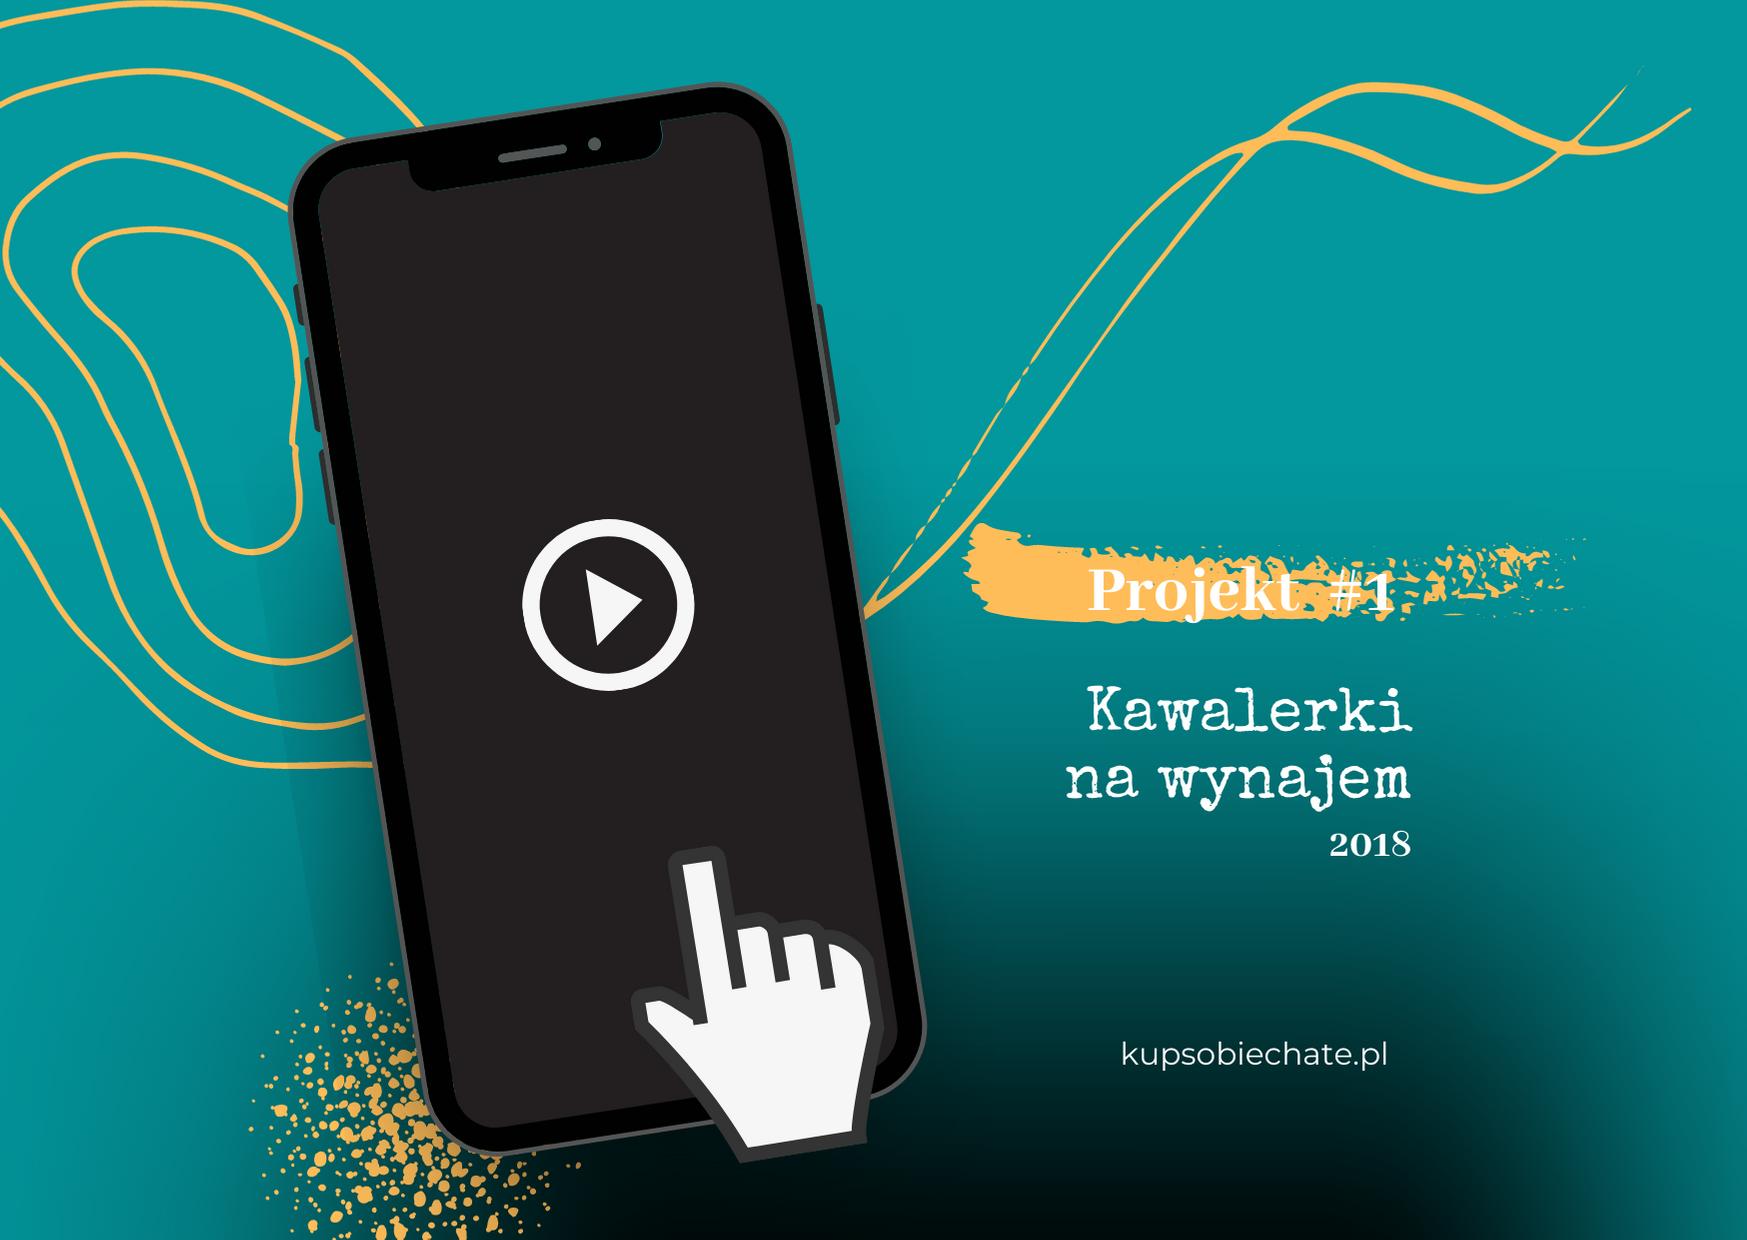 kup sobie chate pierwszy projekt telefon play kliknij wideo